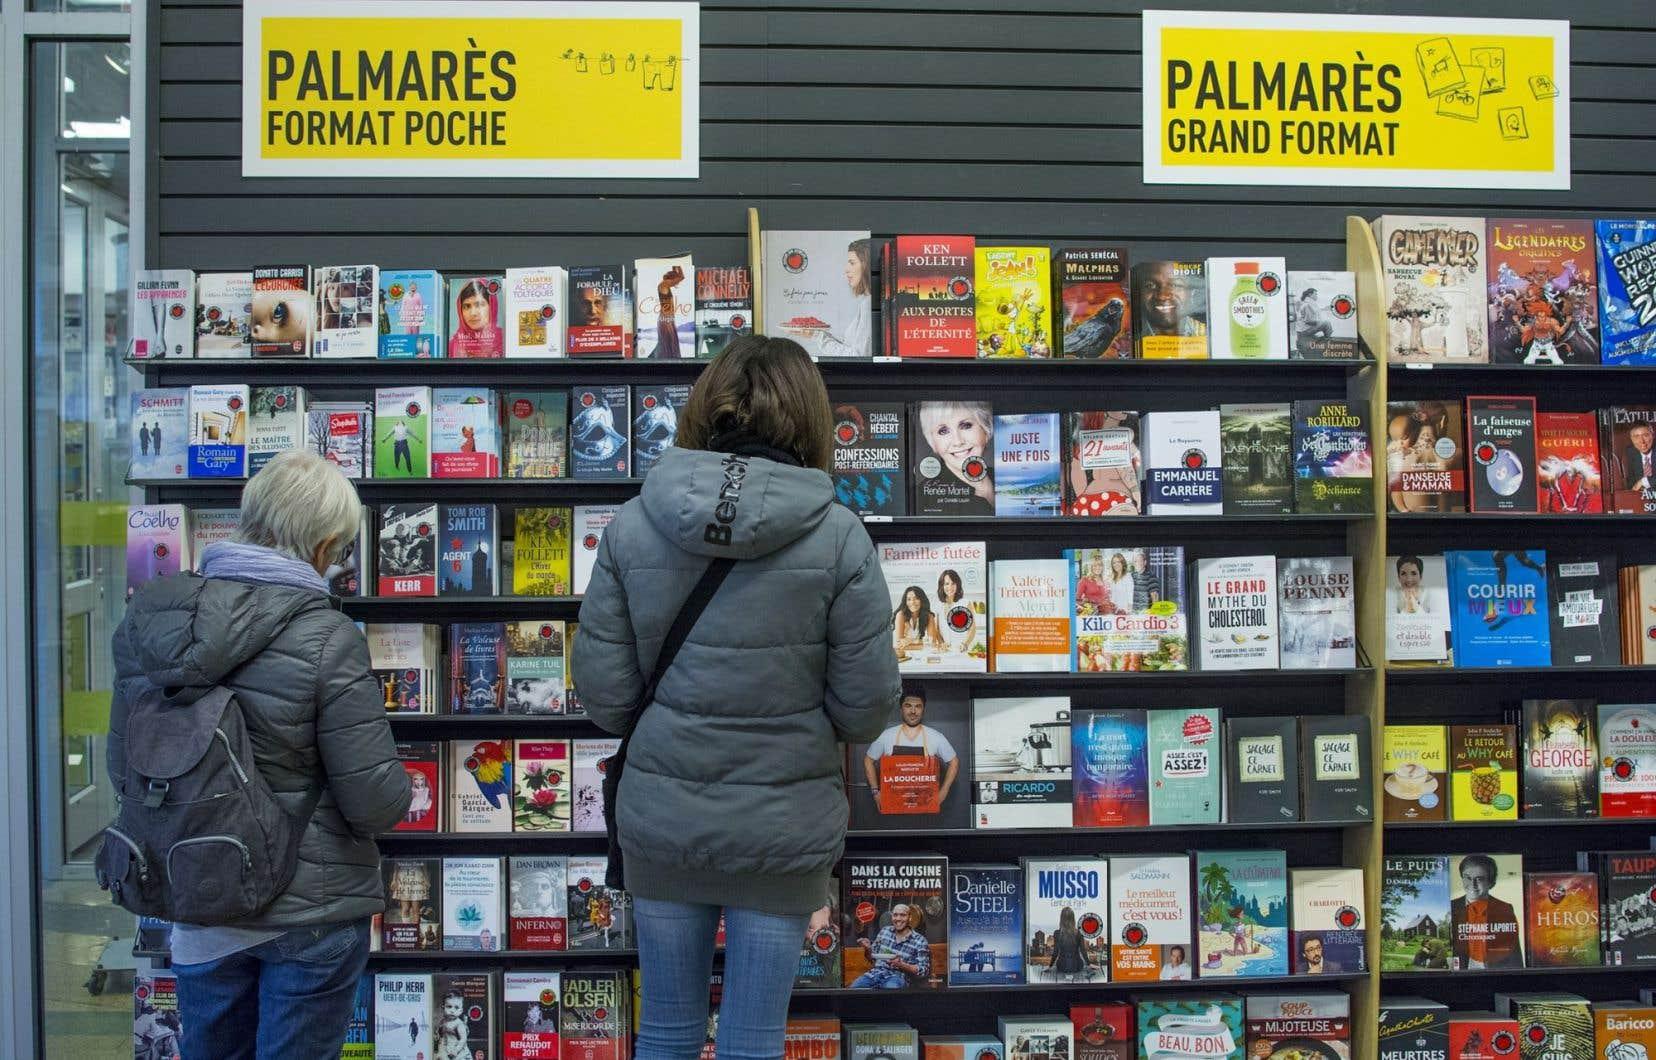 Sur une base individuelle, les ventes annuelles de livres par habitant atteignaient 54 $ en 2013.